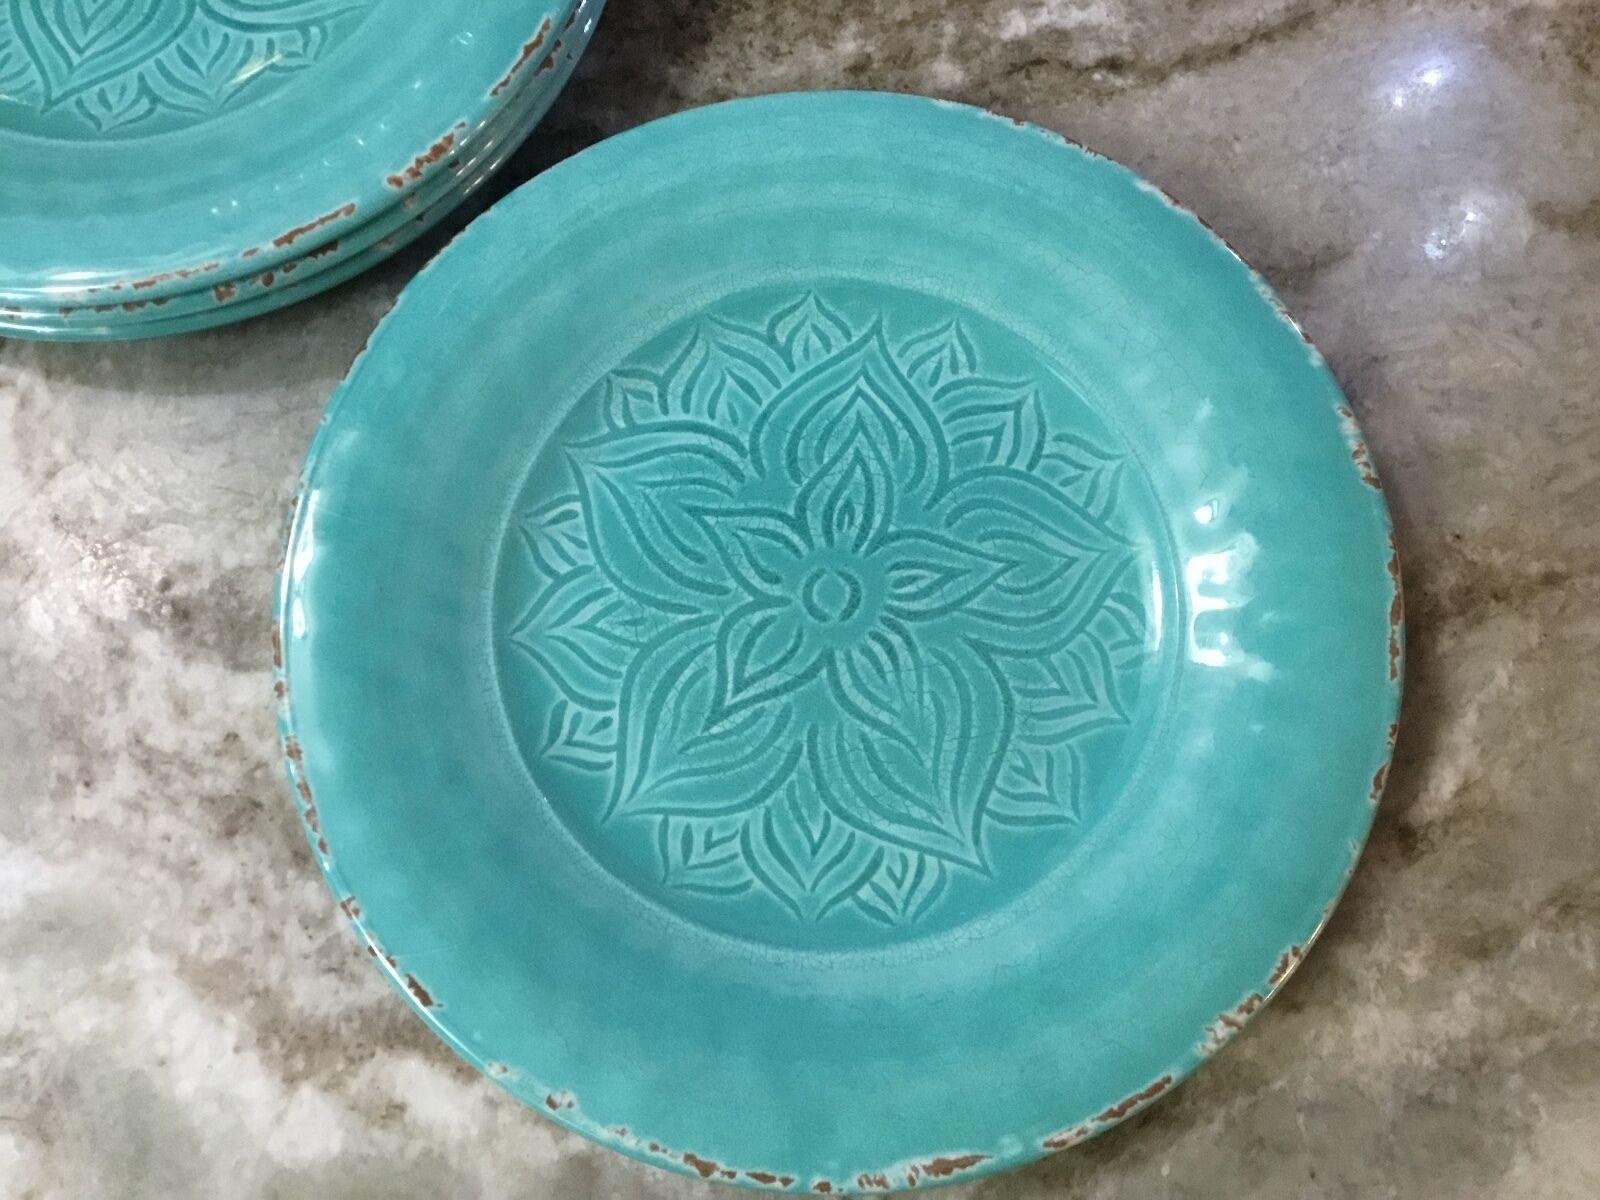 Rustic Medallion Teal Salad Plates. Melamine. Set Of 4. New.